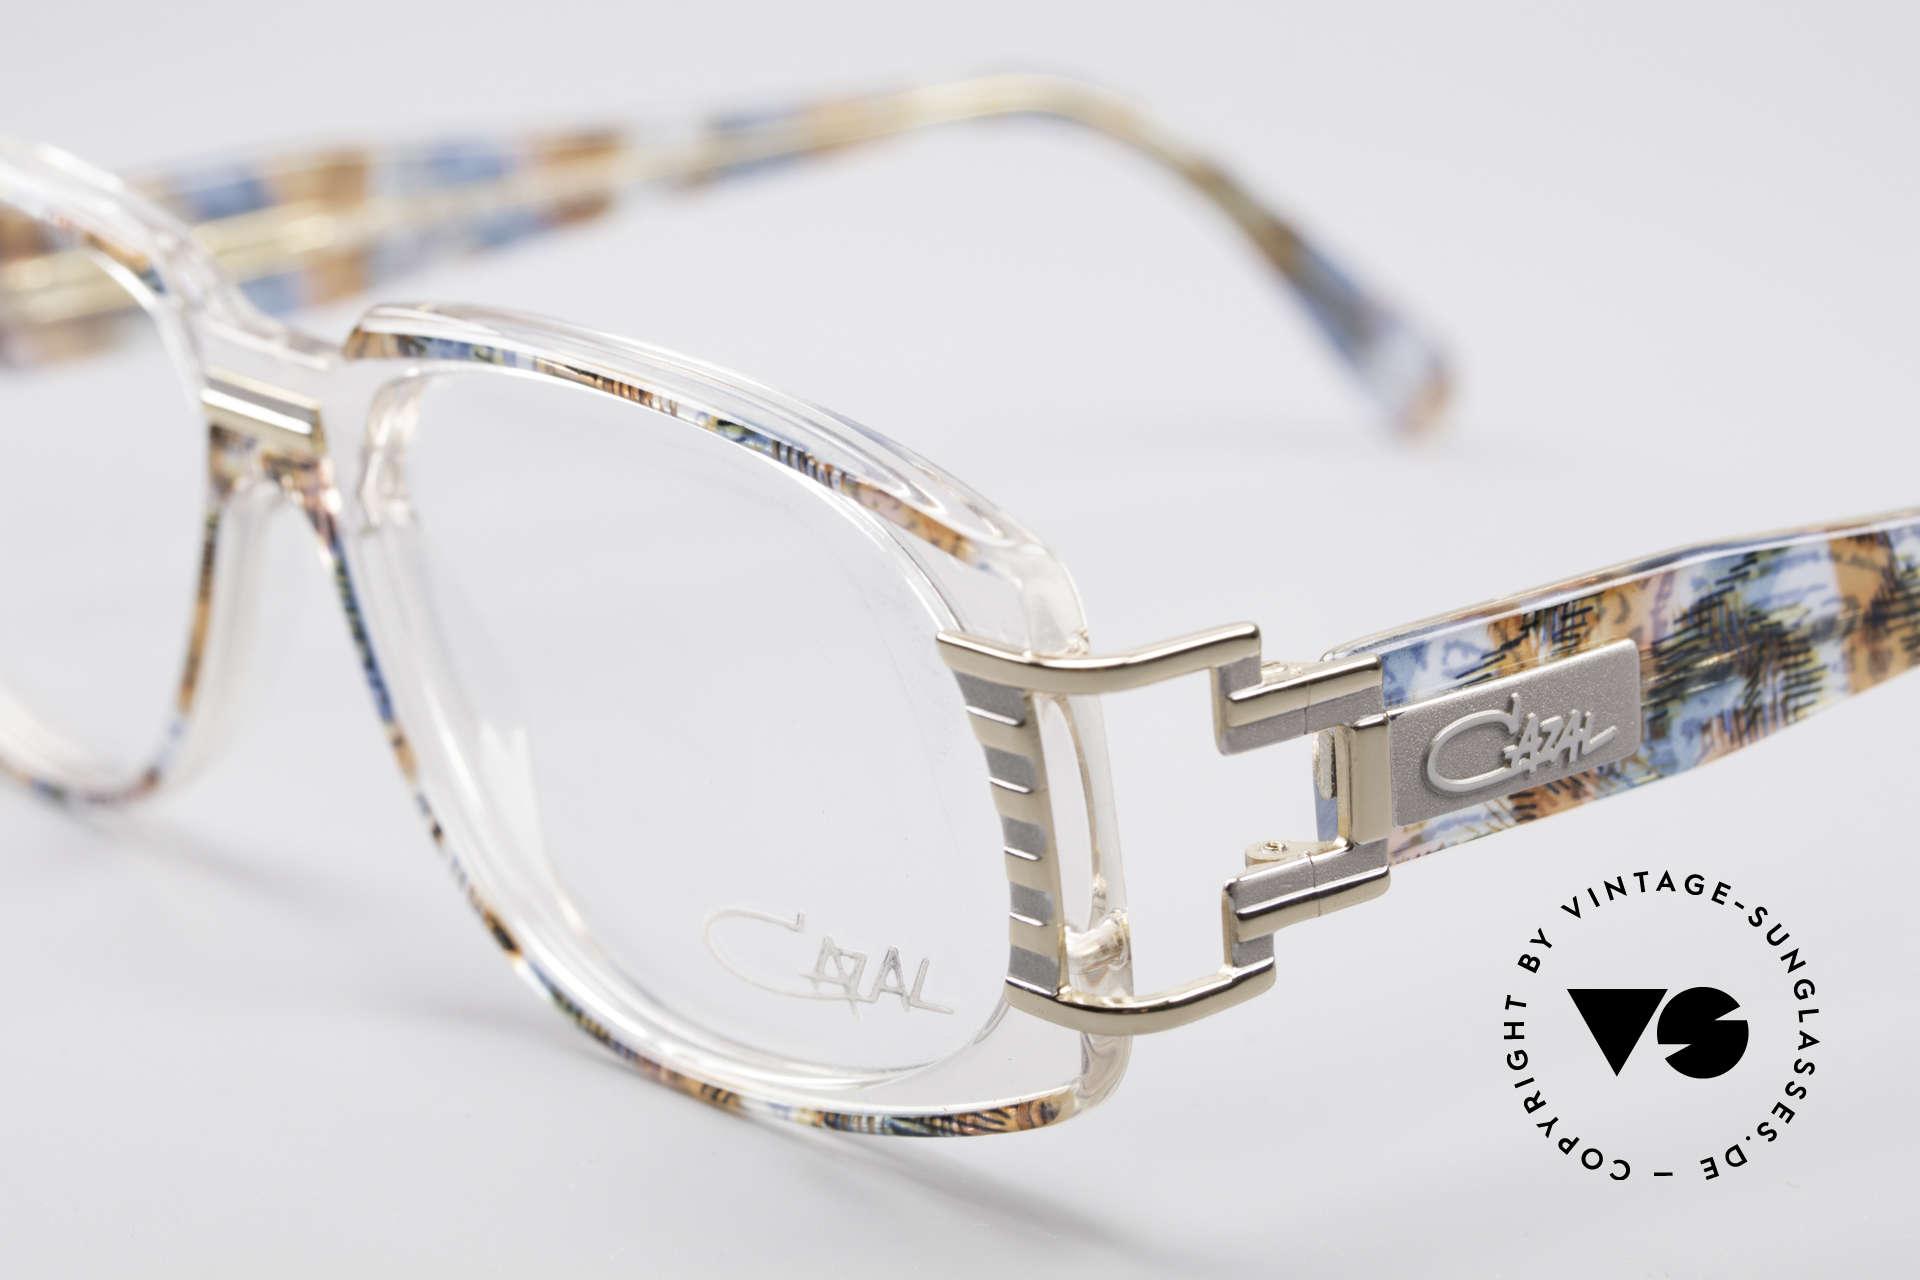 Cazal 372 Seltene HipHop Vintage Brille, wahre Designer-Brille vom großen CAri ZALloni (CAZAL), Passend für Herren und Damen